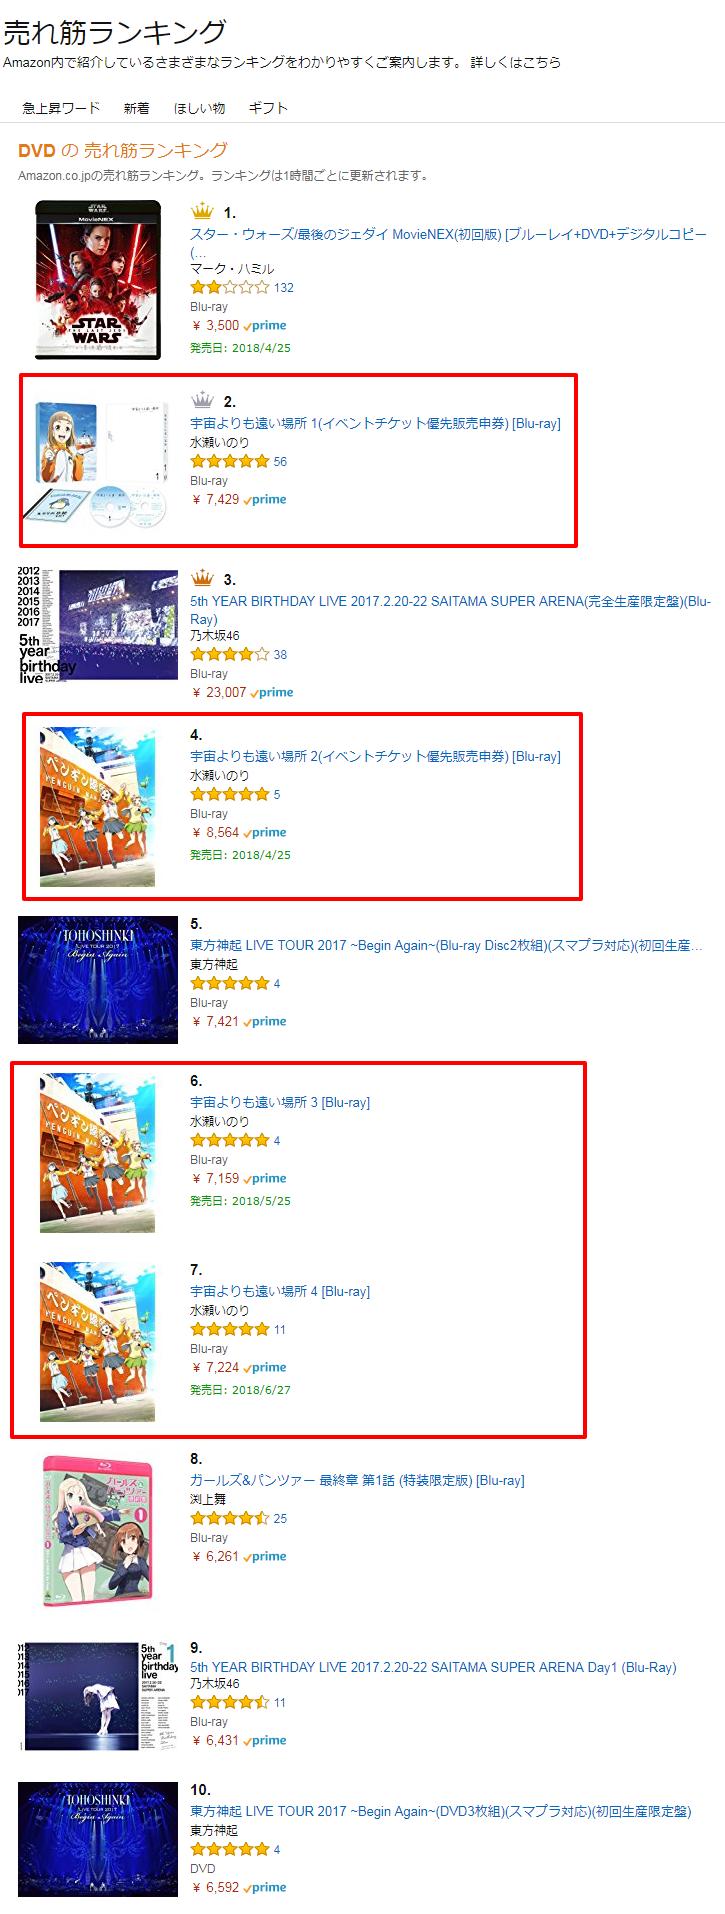 Amazon co jp 売れ筋ランキング  DVD の中で最も人気のある商品です